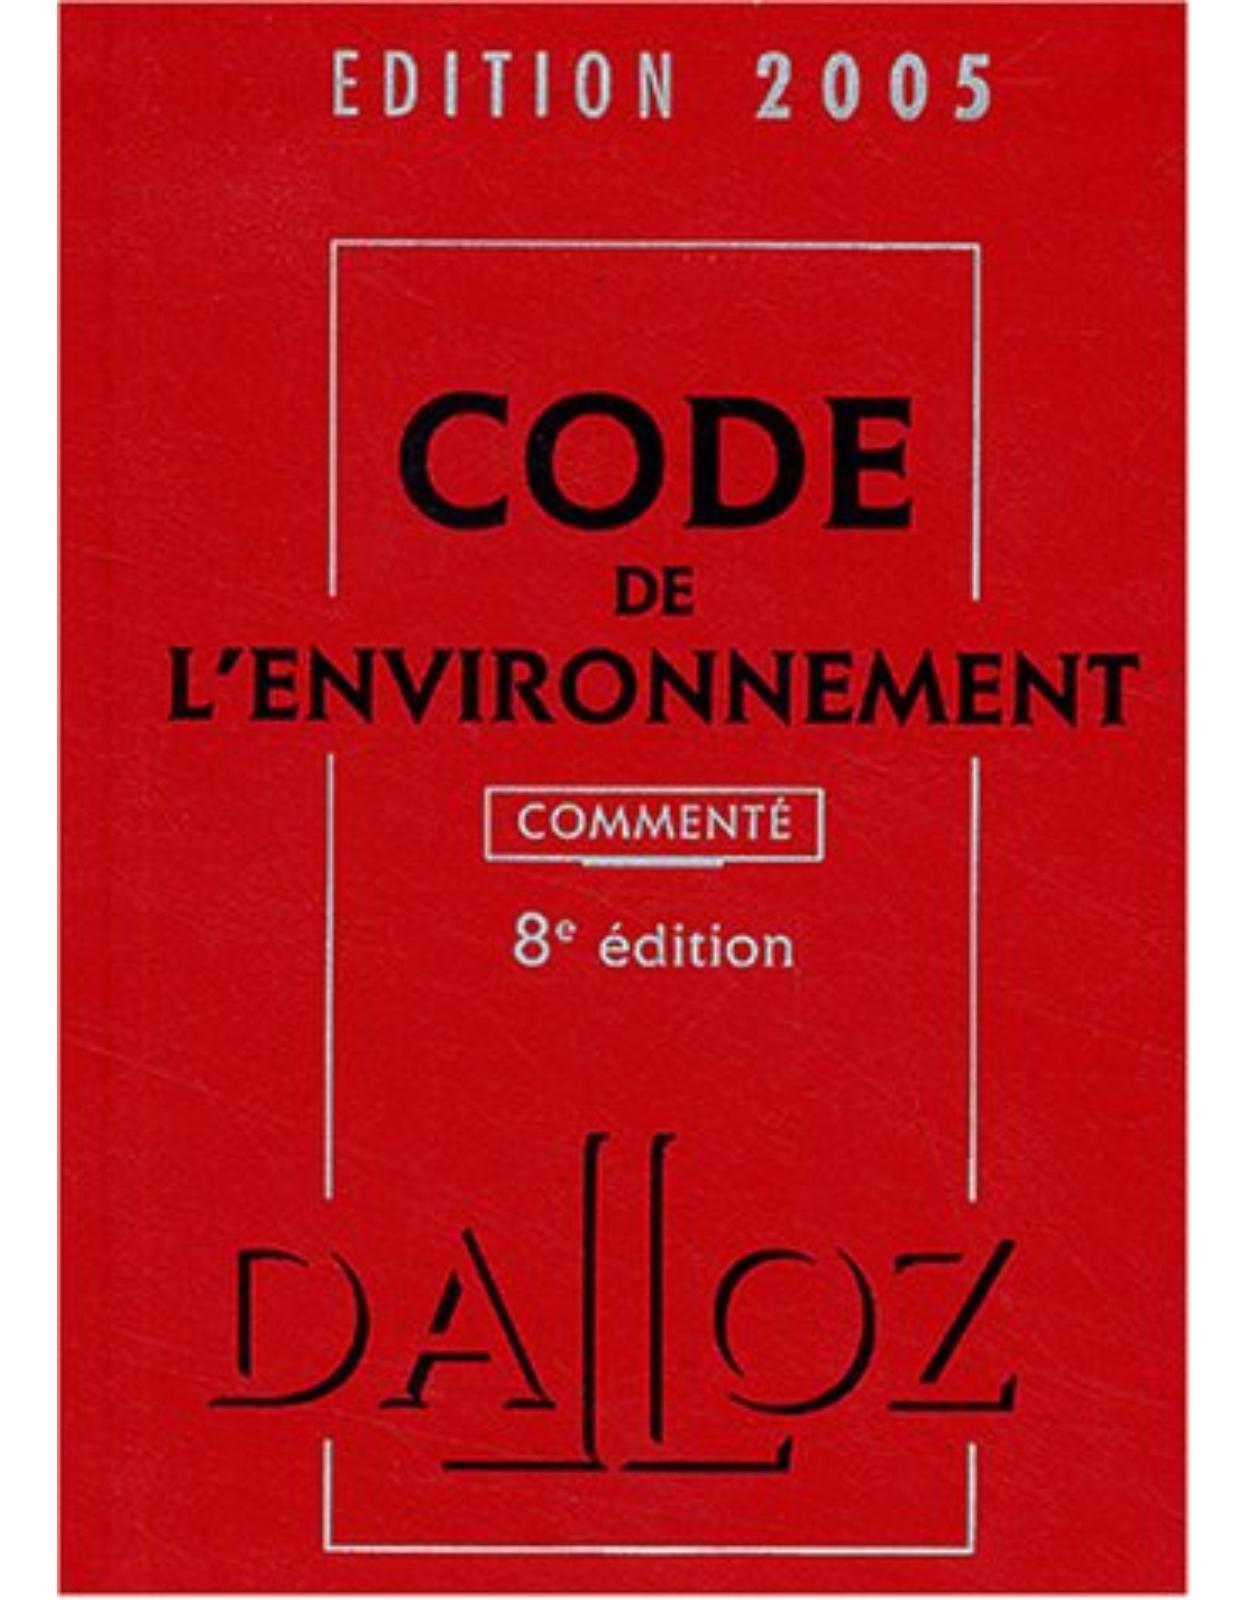 Code de l'environnement 2005, commenté